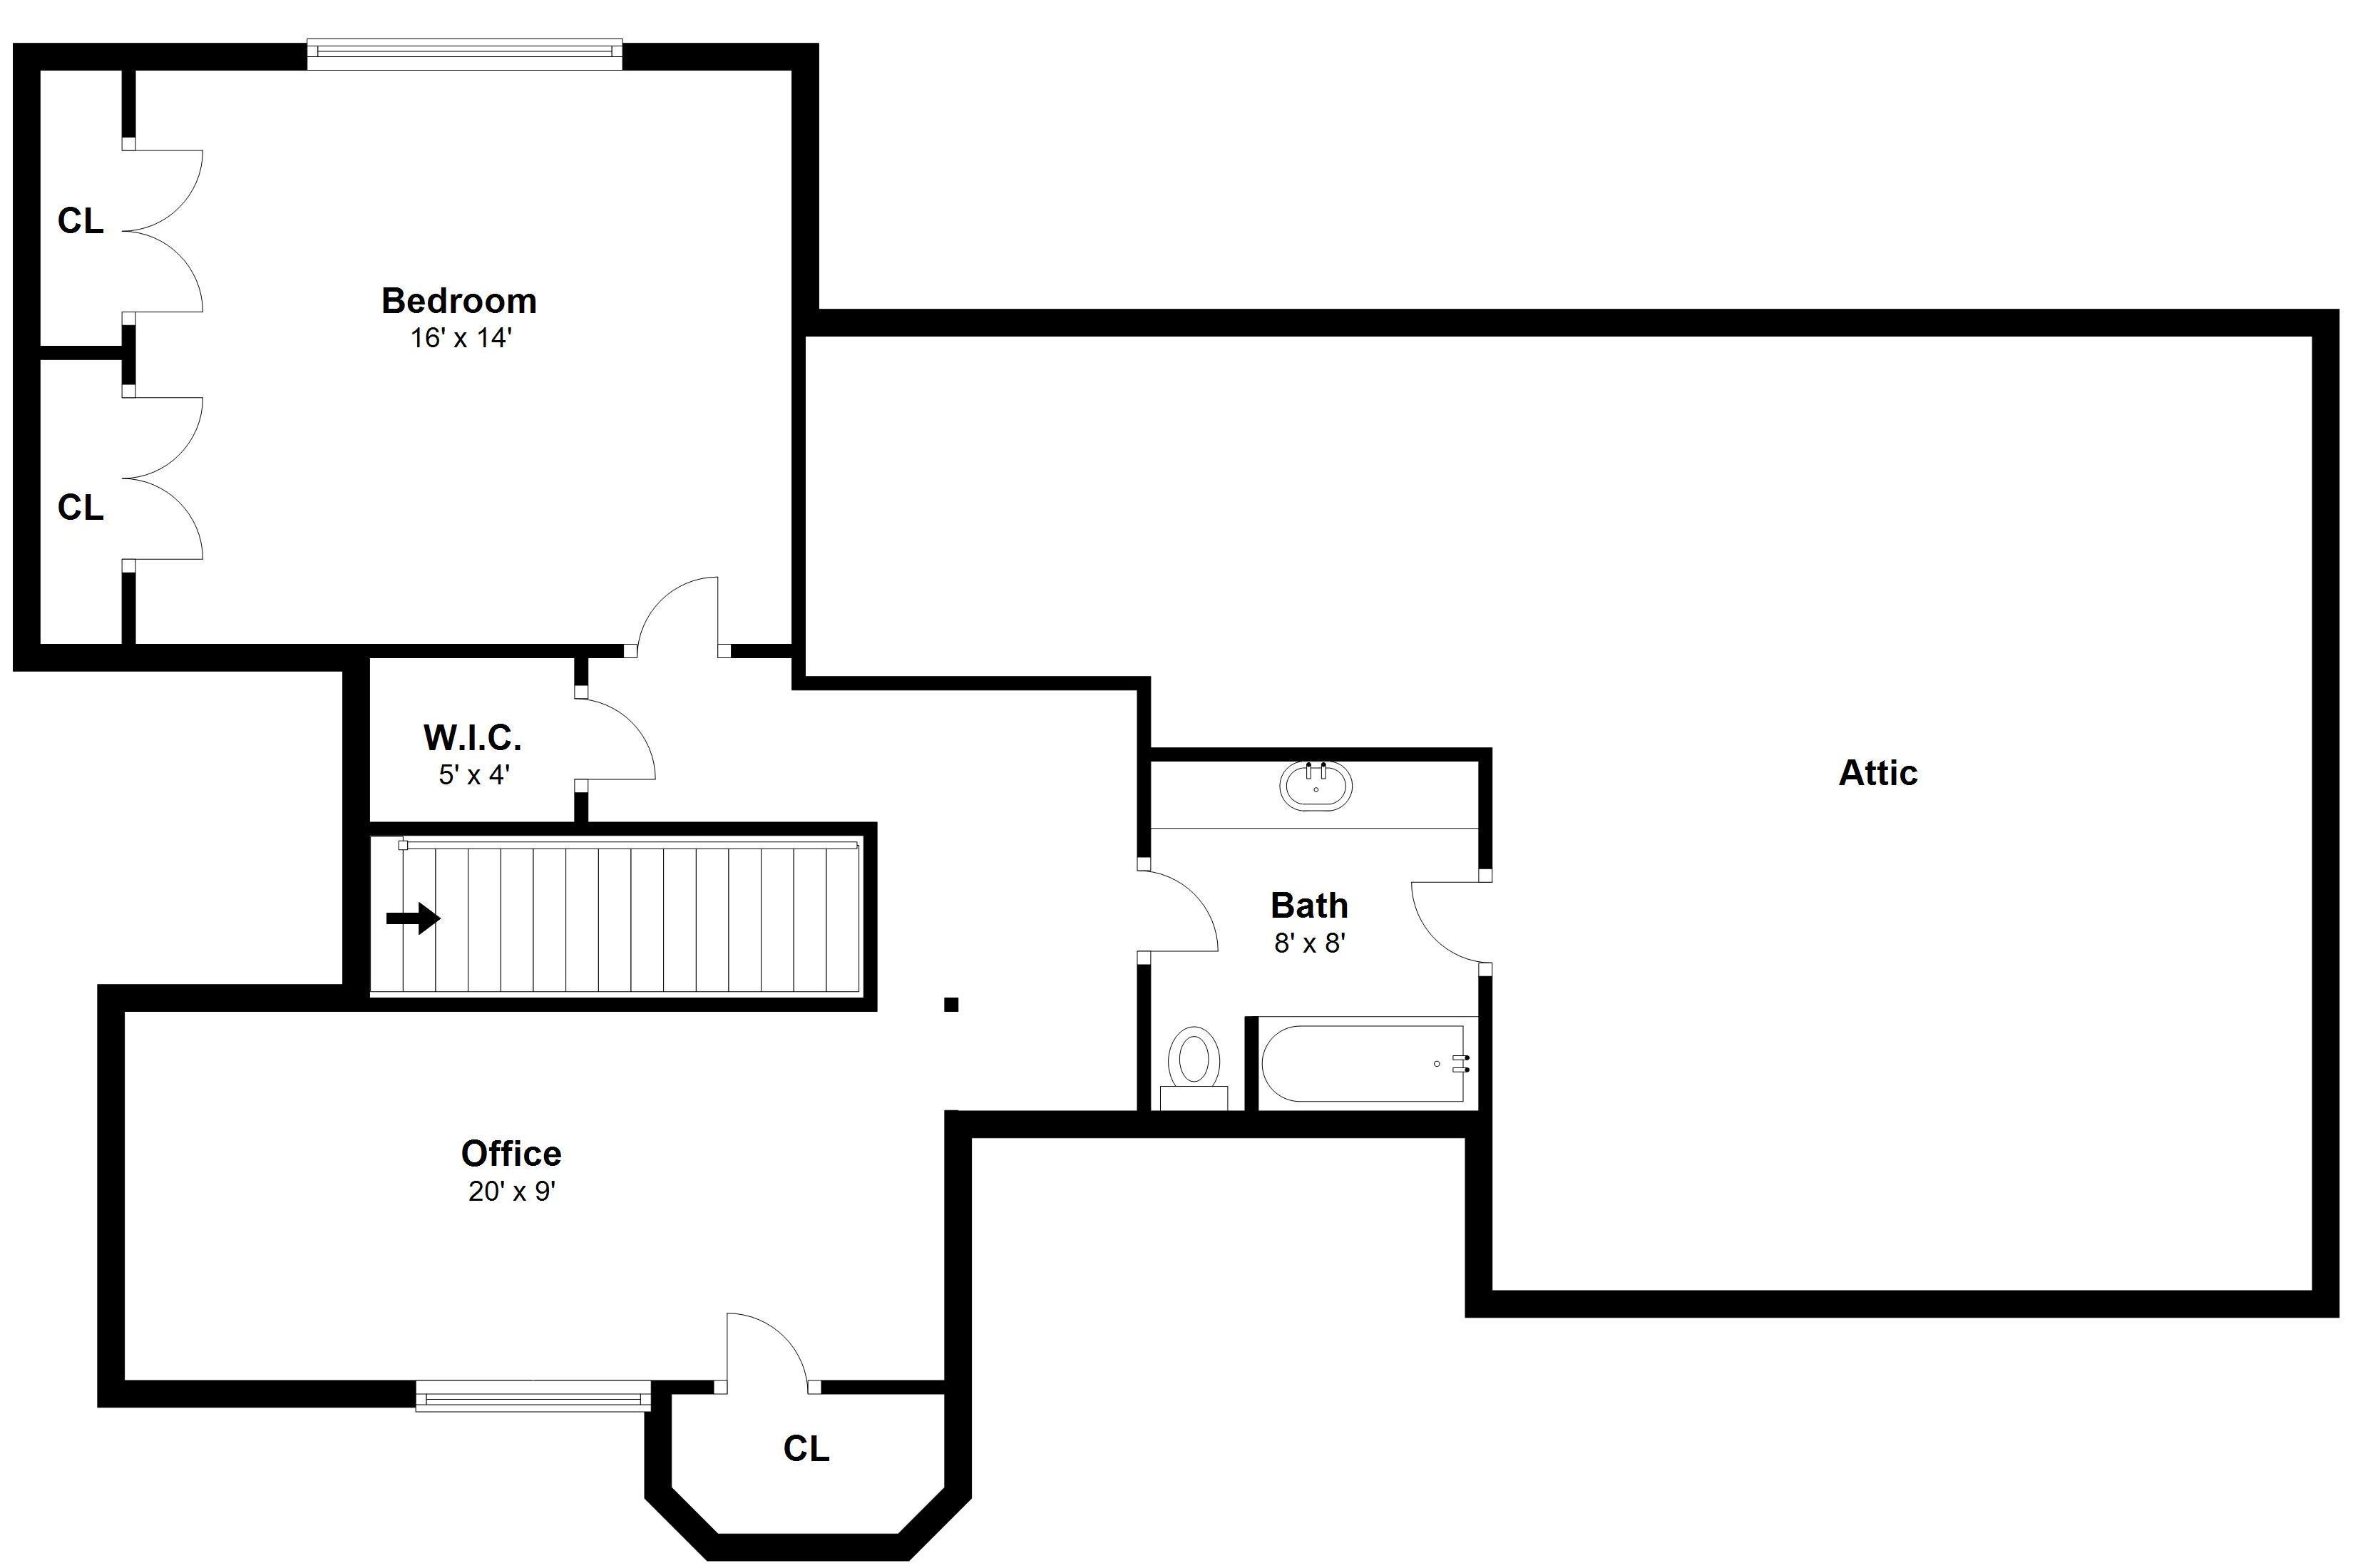 Floor Plan Image 2